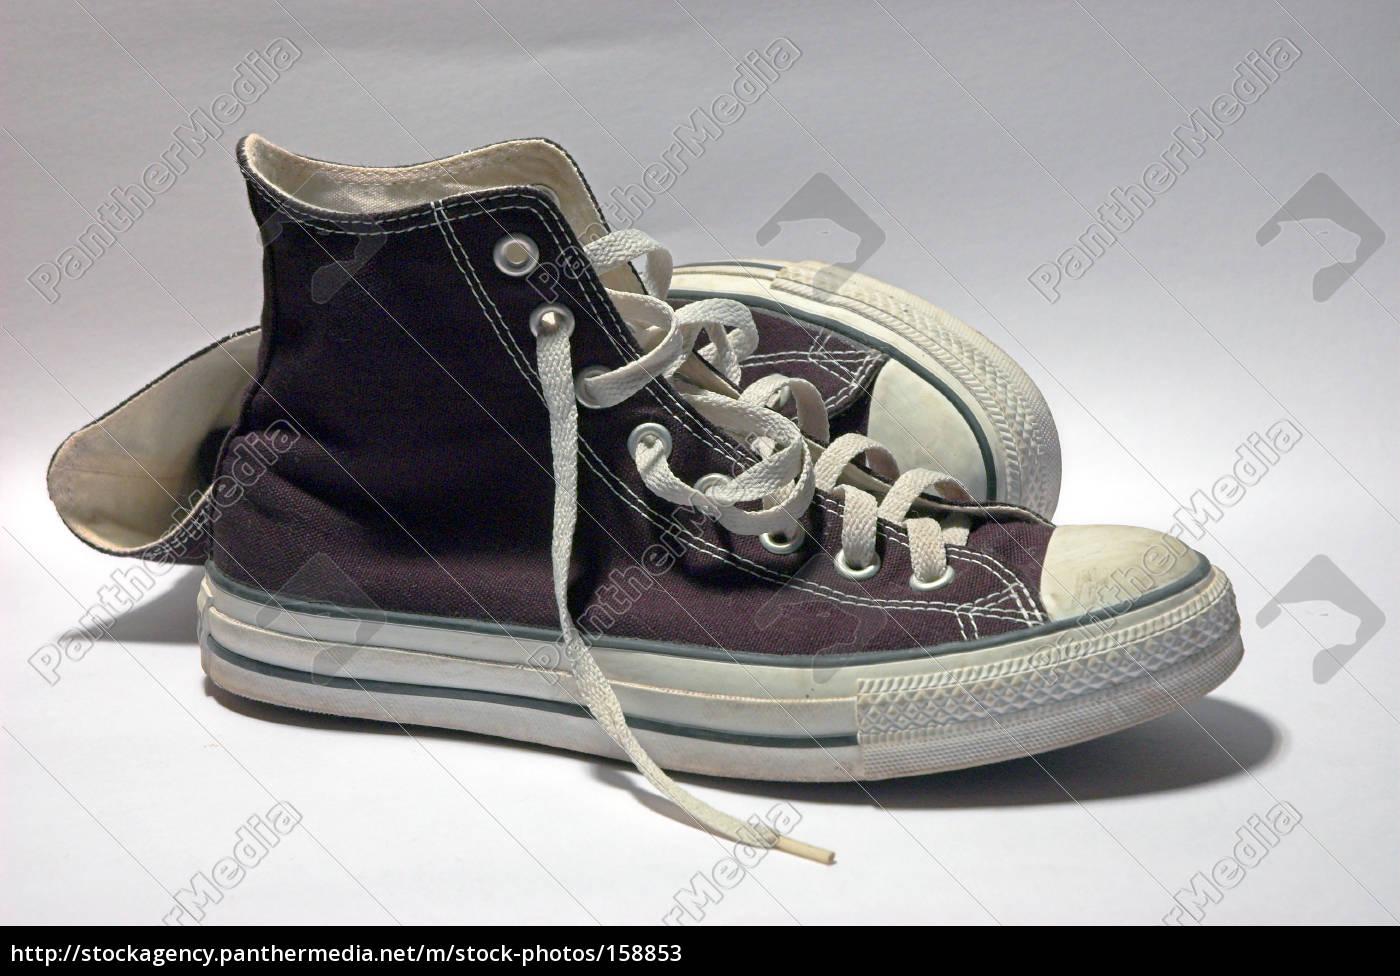 sneakers - 158853